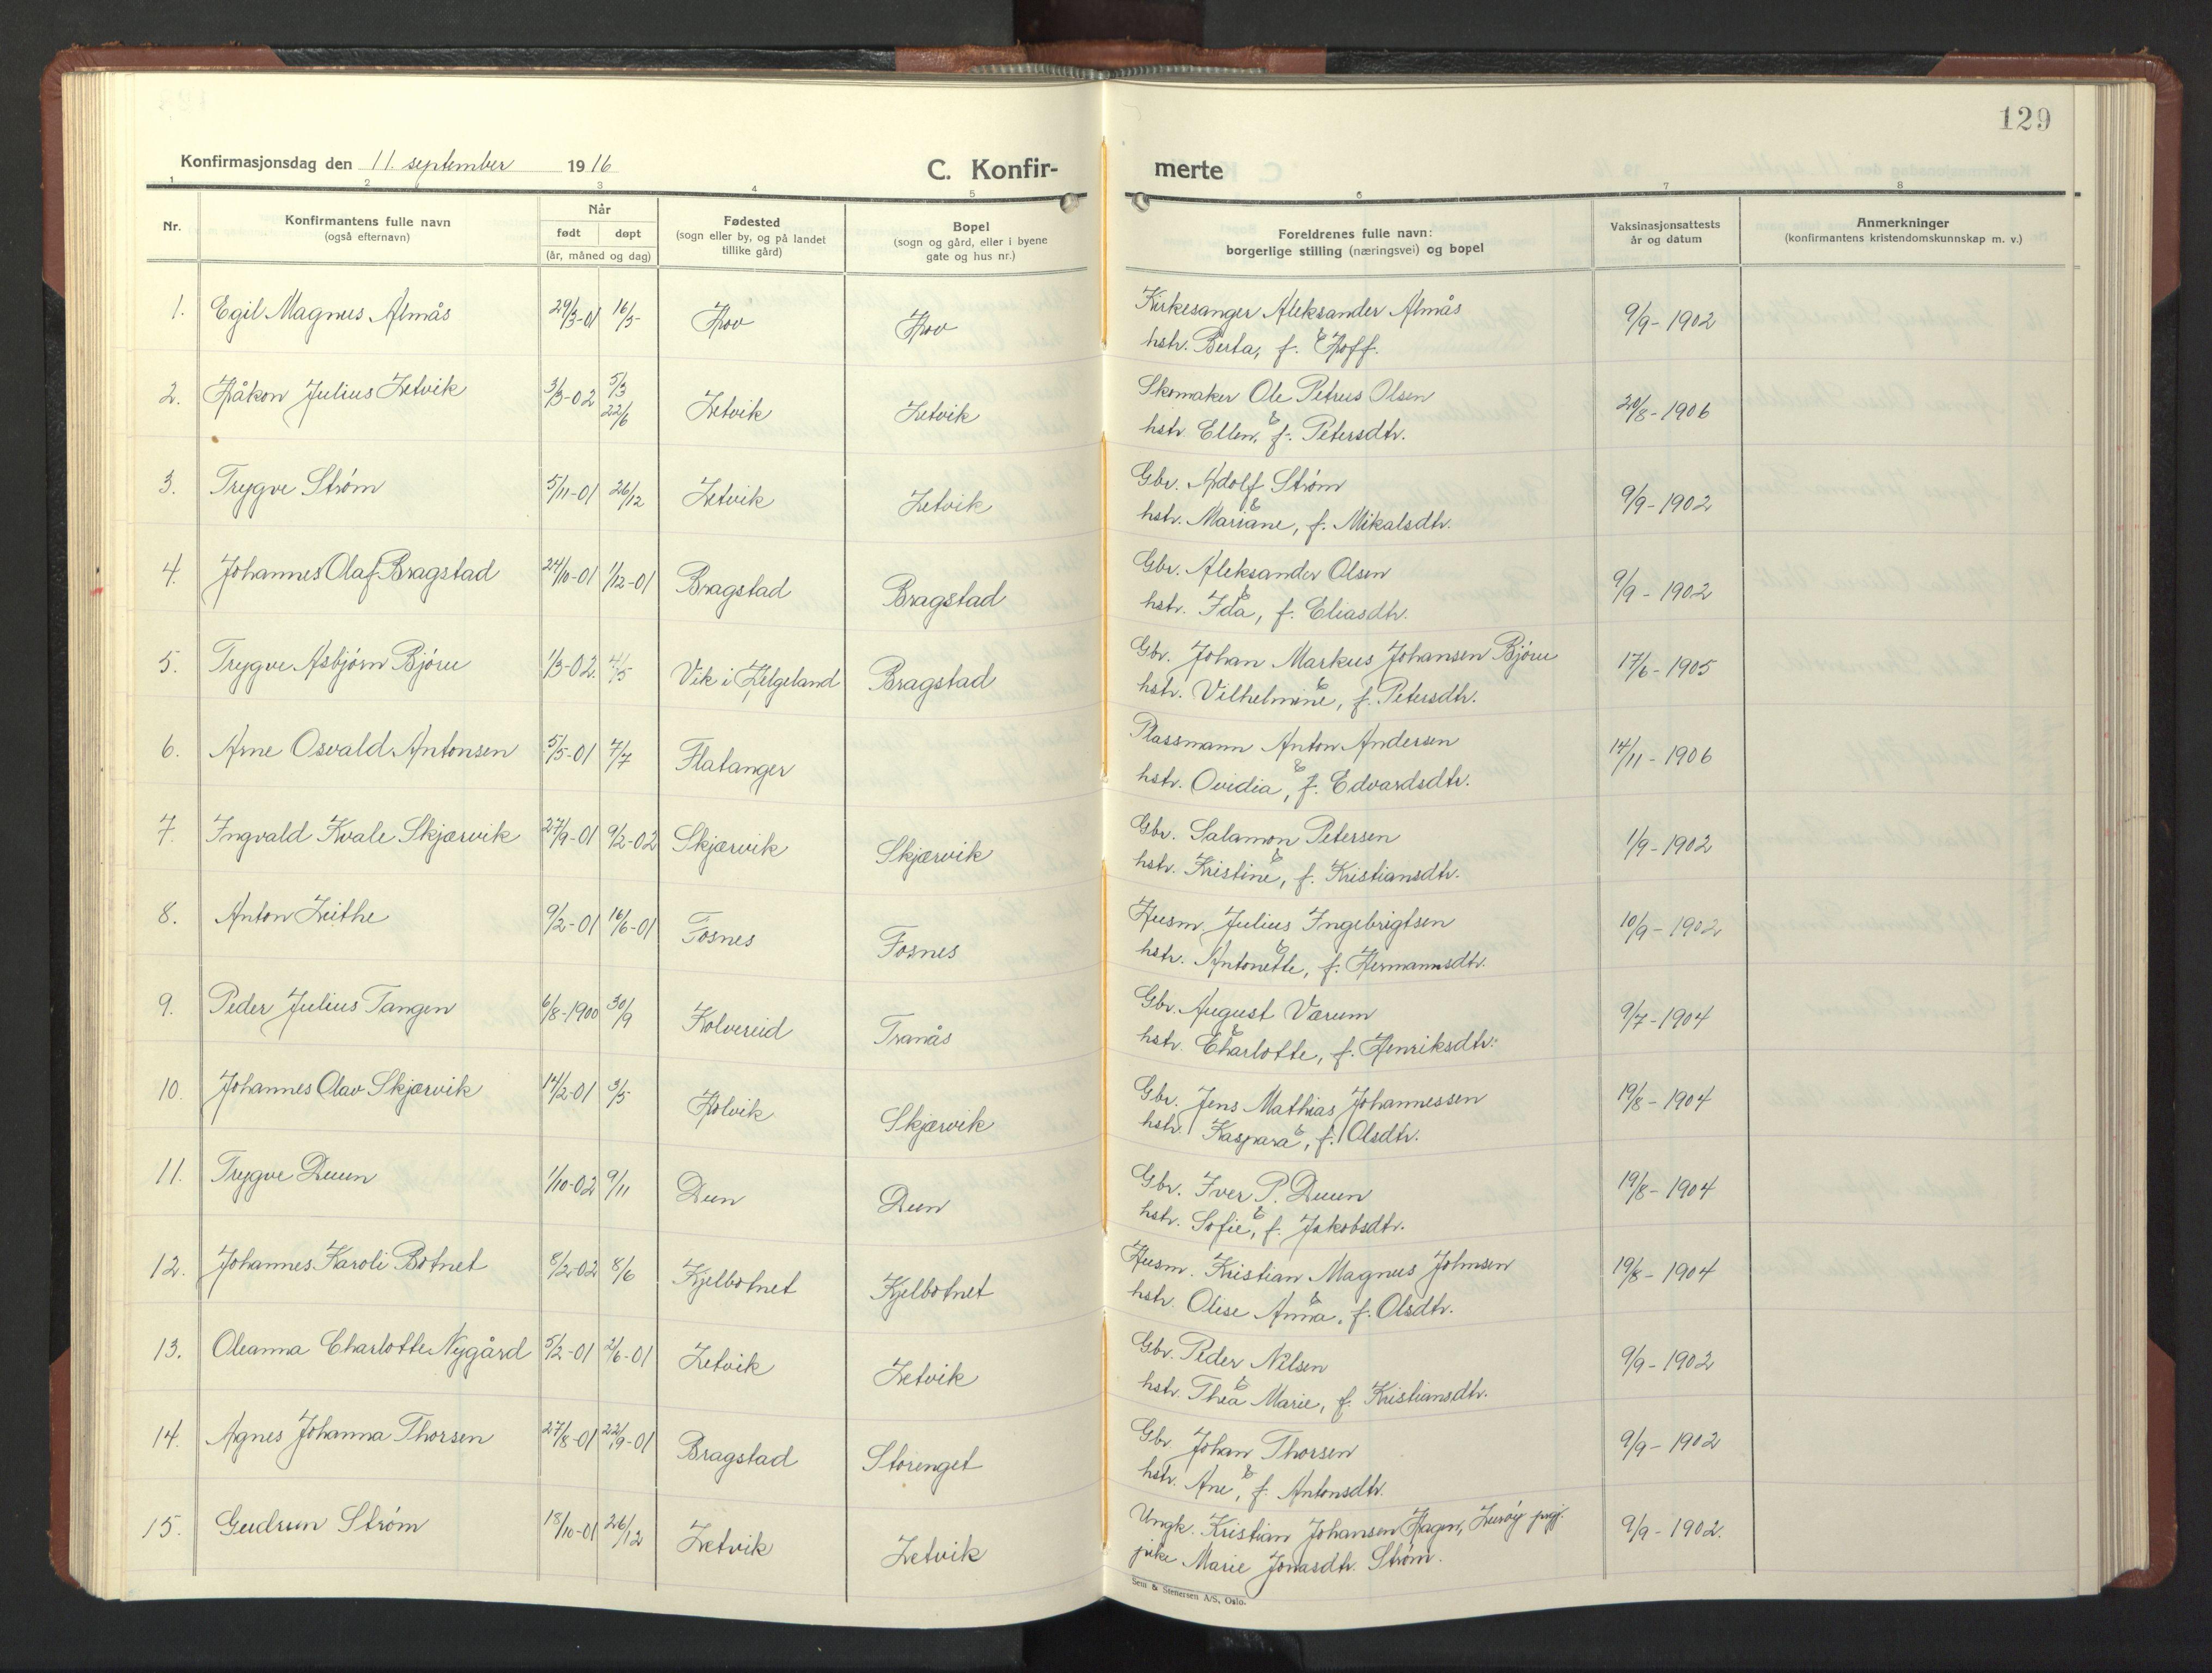 SAT, Ministerialprotokoller, klokkerbøker og fødselsregistre - Nord-Trøndelag, 773/L0625: Klokkerbok nr. 773C01, 1910-1952, s. 129